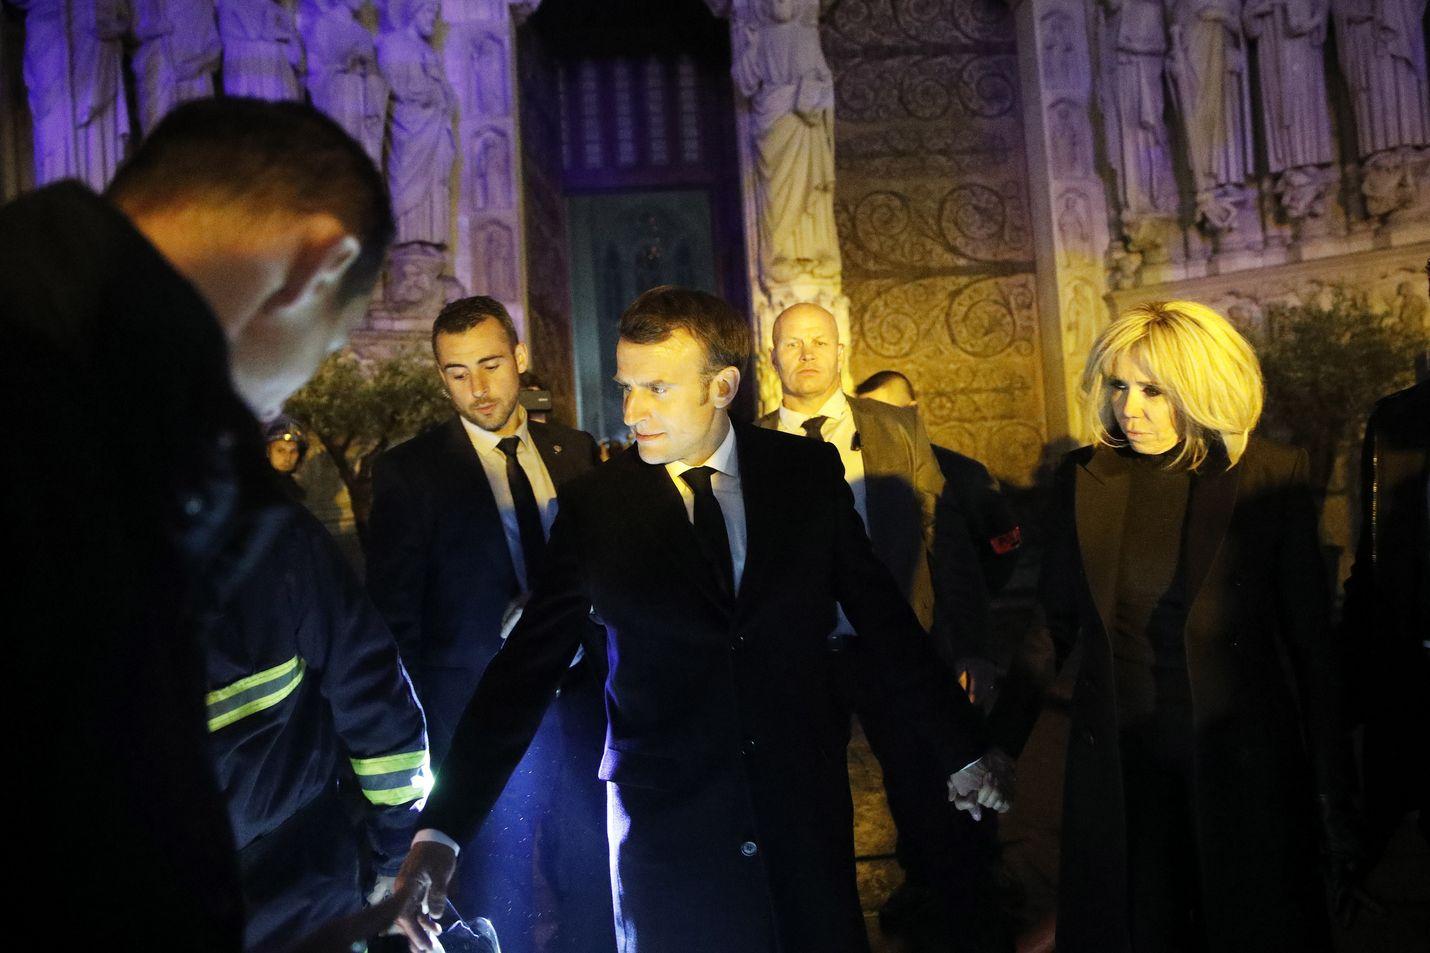 Ranskan presidentti Emmanuel Macron vieraili Brigitte-puolisonsa kanssa palopaikalla yöllä ja tapasi liekkejä vastaan kamppailleita palomiehiä.